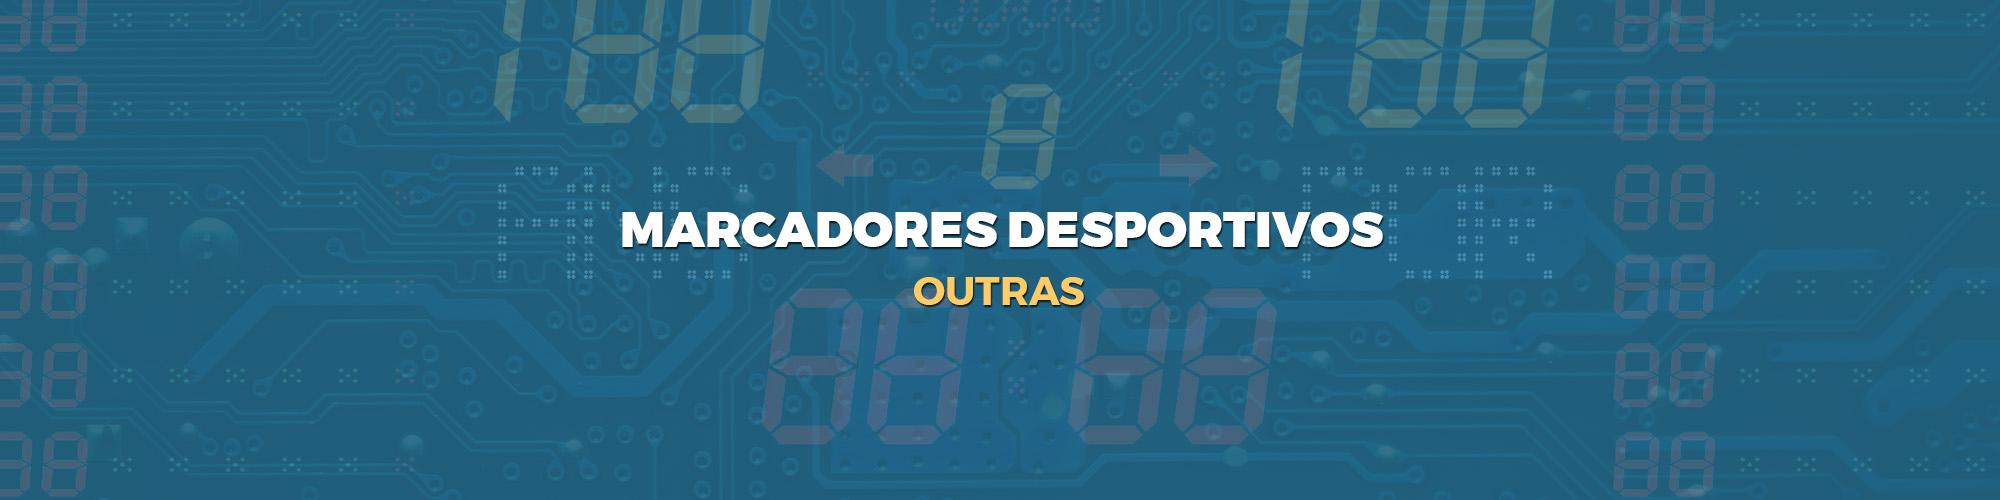 marcadores desportivos - OUTRAS